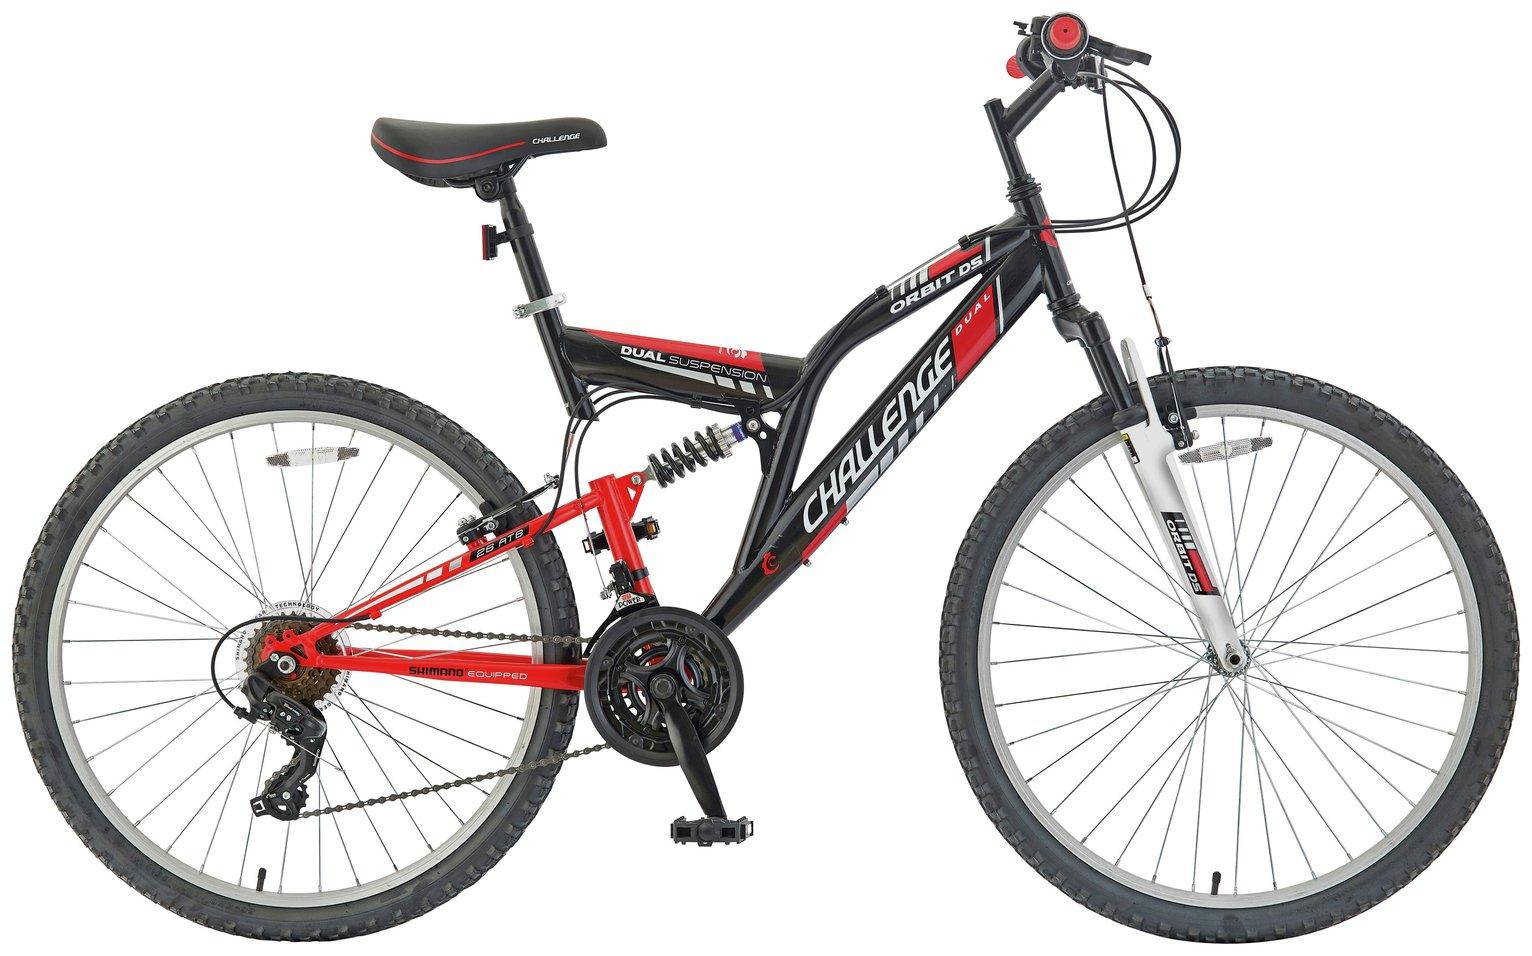 Challenge Orbit 26 inch Wheel Size Mens Mountain Bike - £133.94 Delivered @ Argos